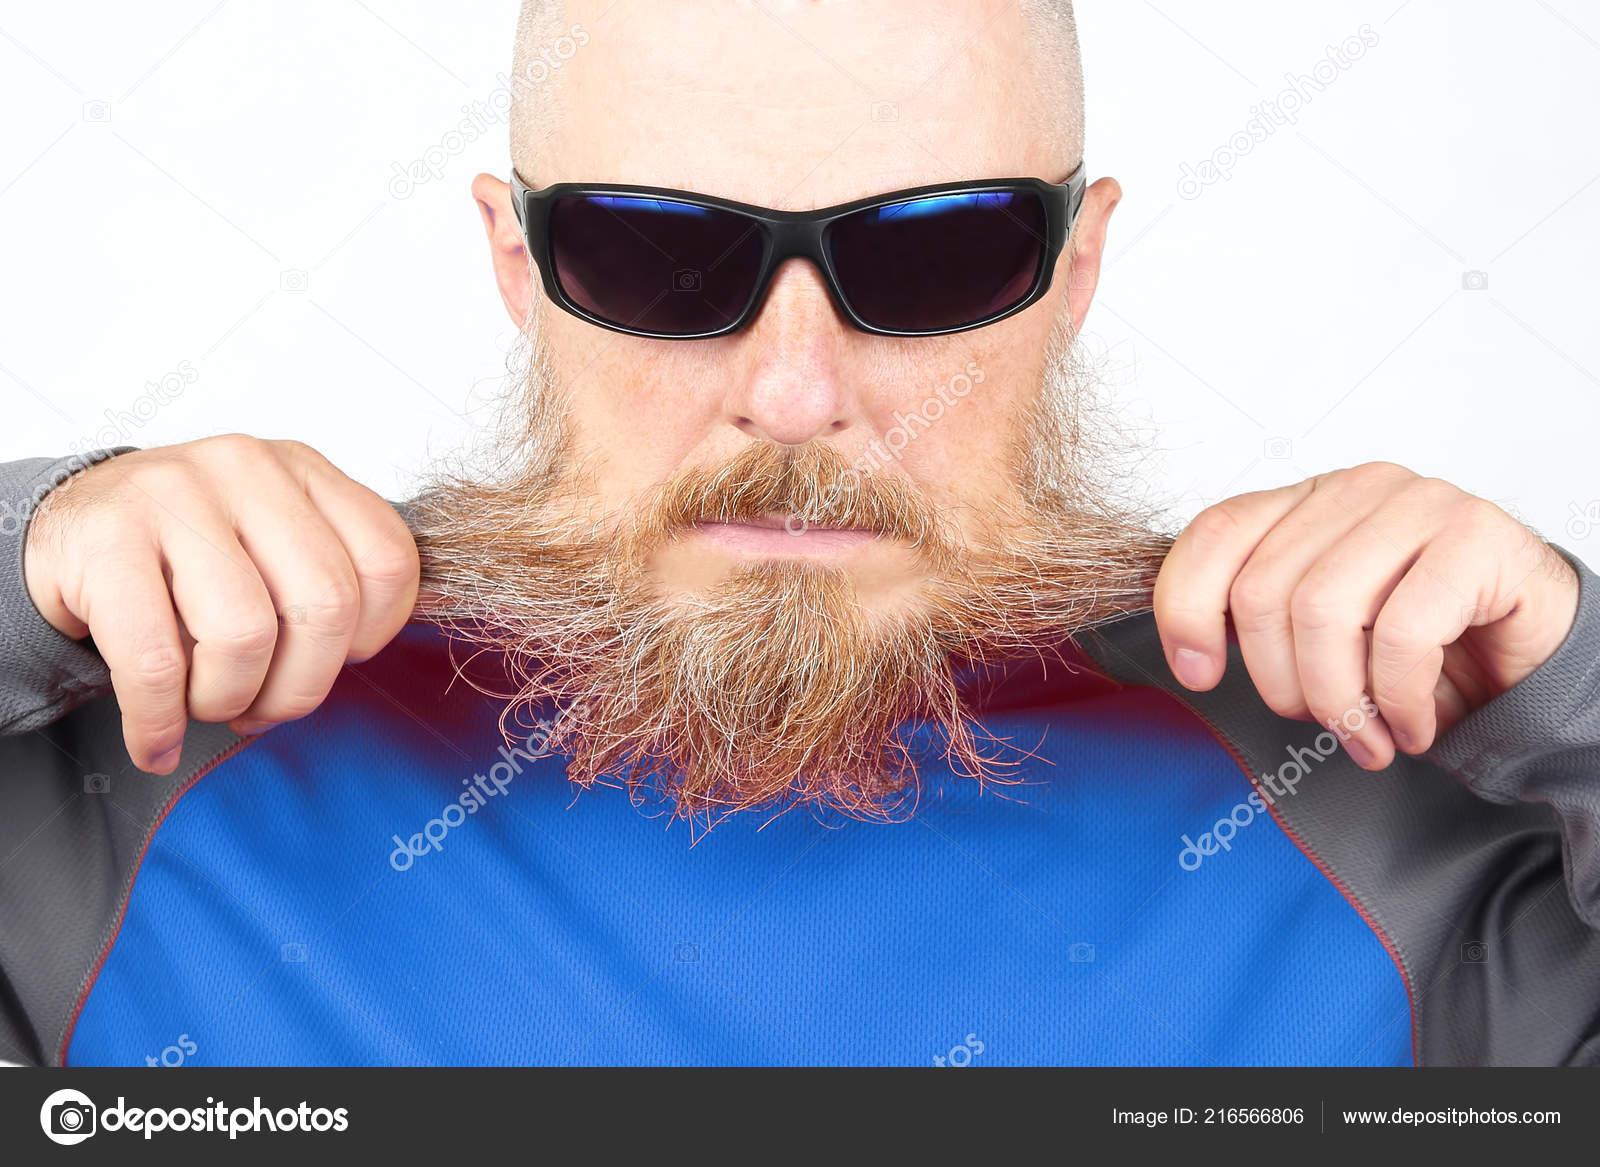 Noires Barbu Lunettes Homme Fond Chauve Portant Des Portrait Sur byf76Yg